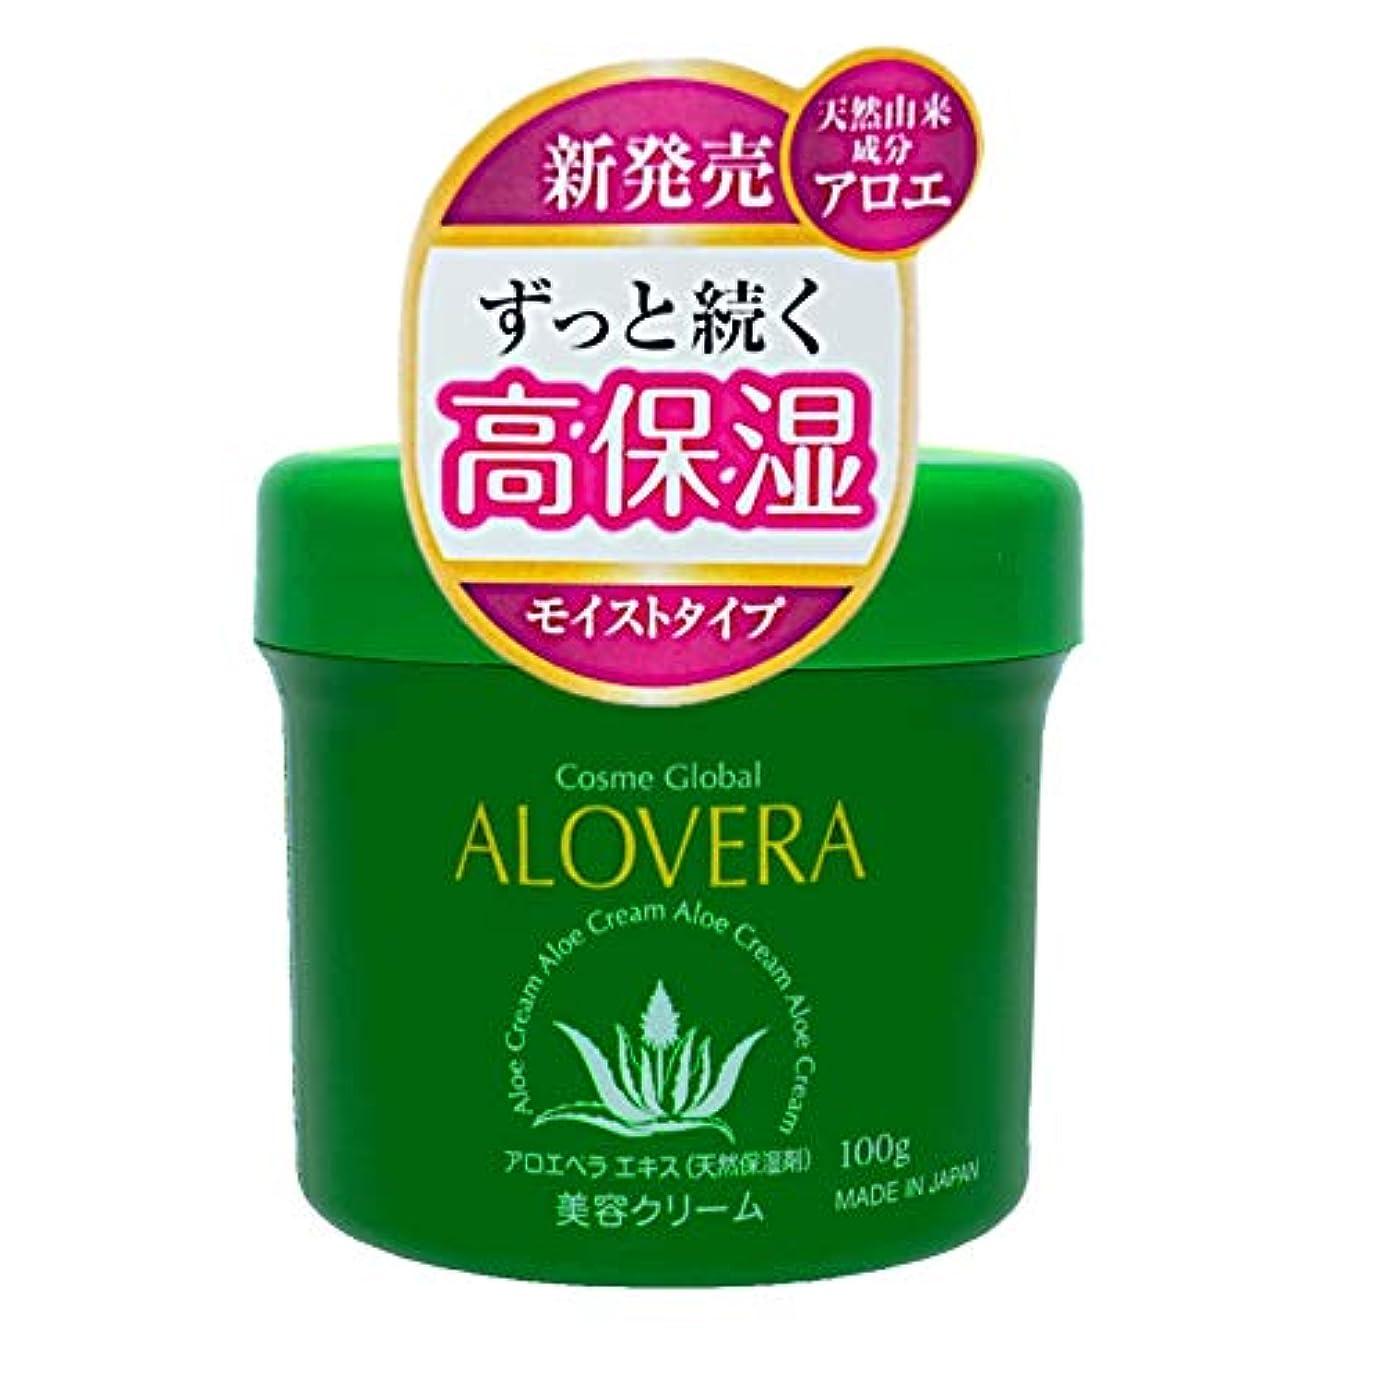 ALOVERA アロベラ アロエベラ葉エキスをたっぷり配合 日本製 高保湿スキンケア 顔?全身用 (クリーム 100g)